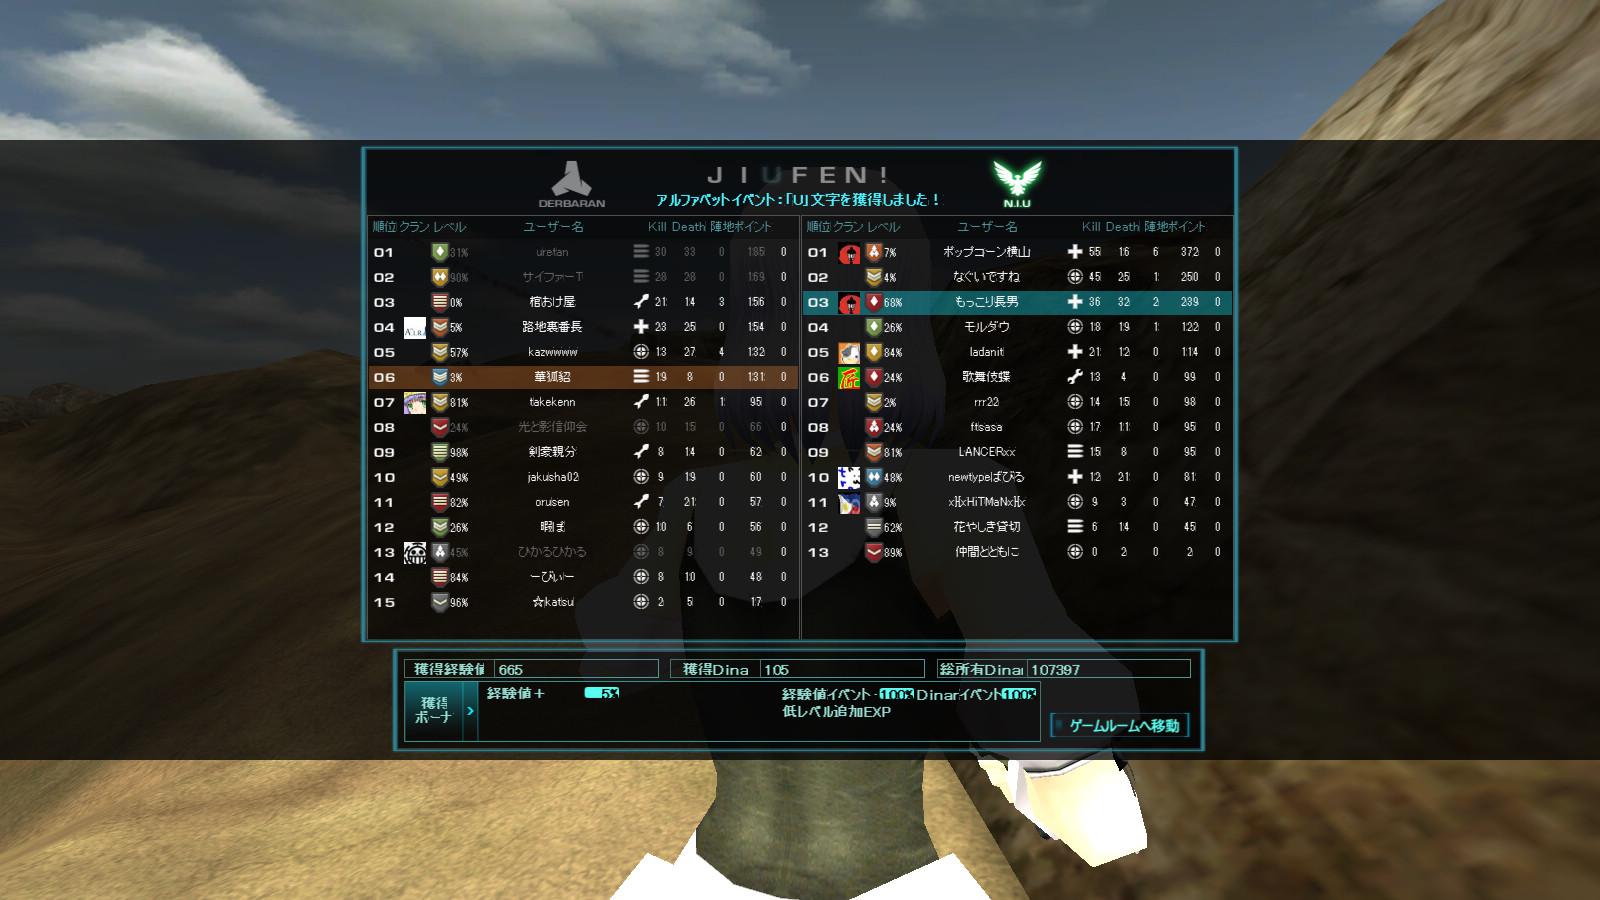 screenshot_566.jpg